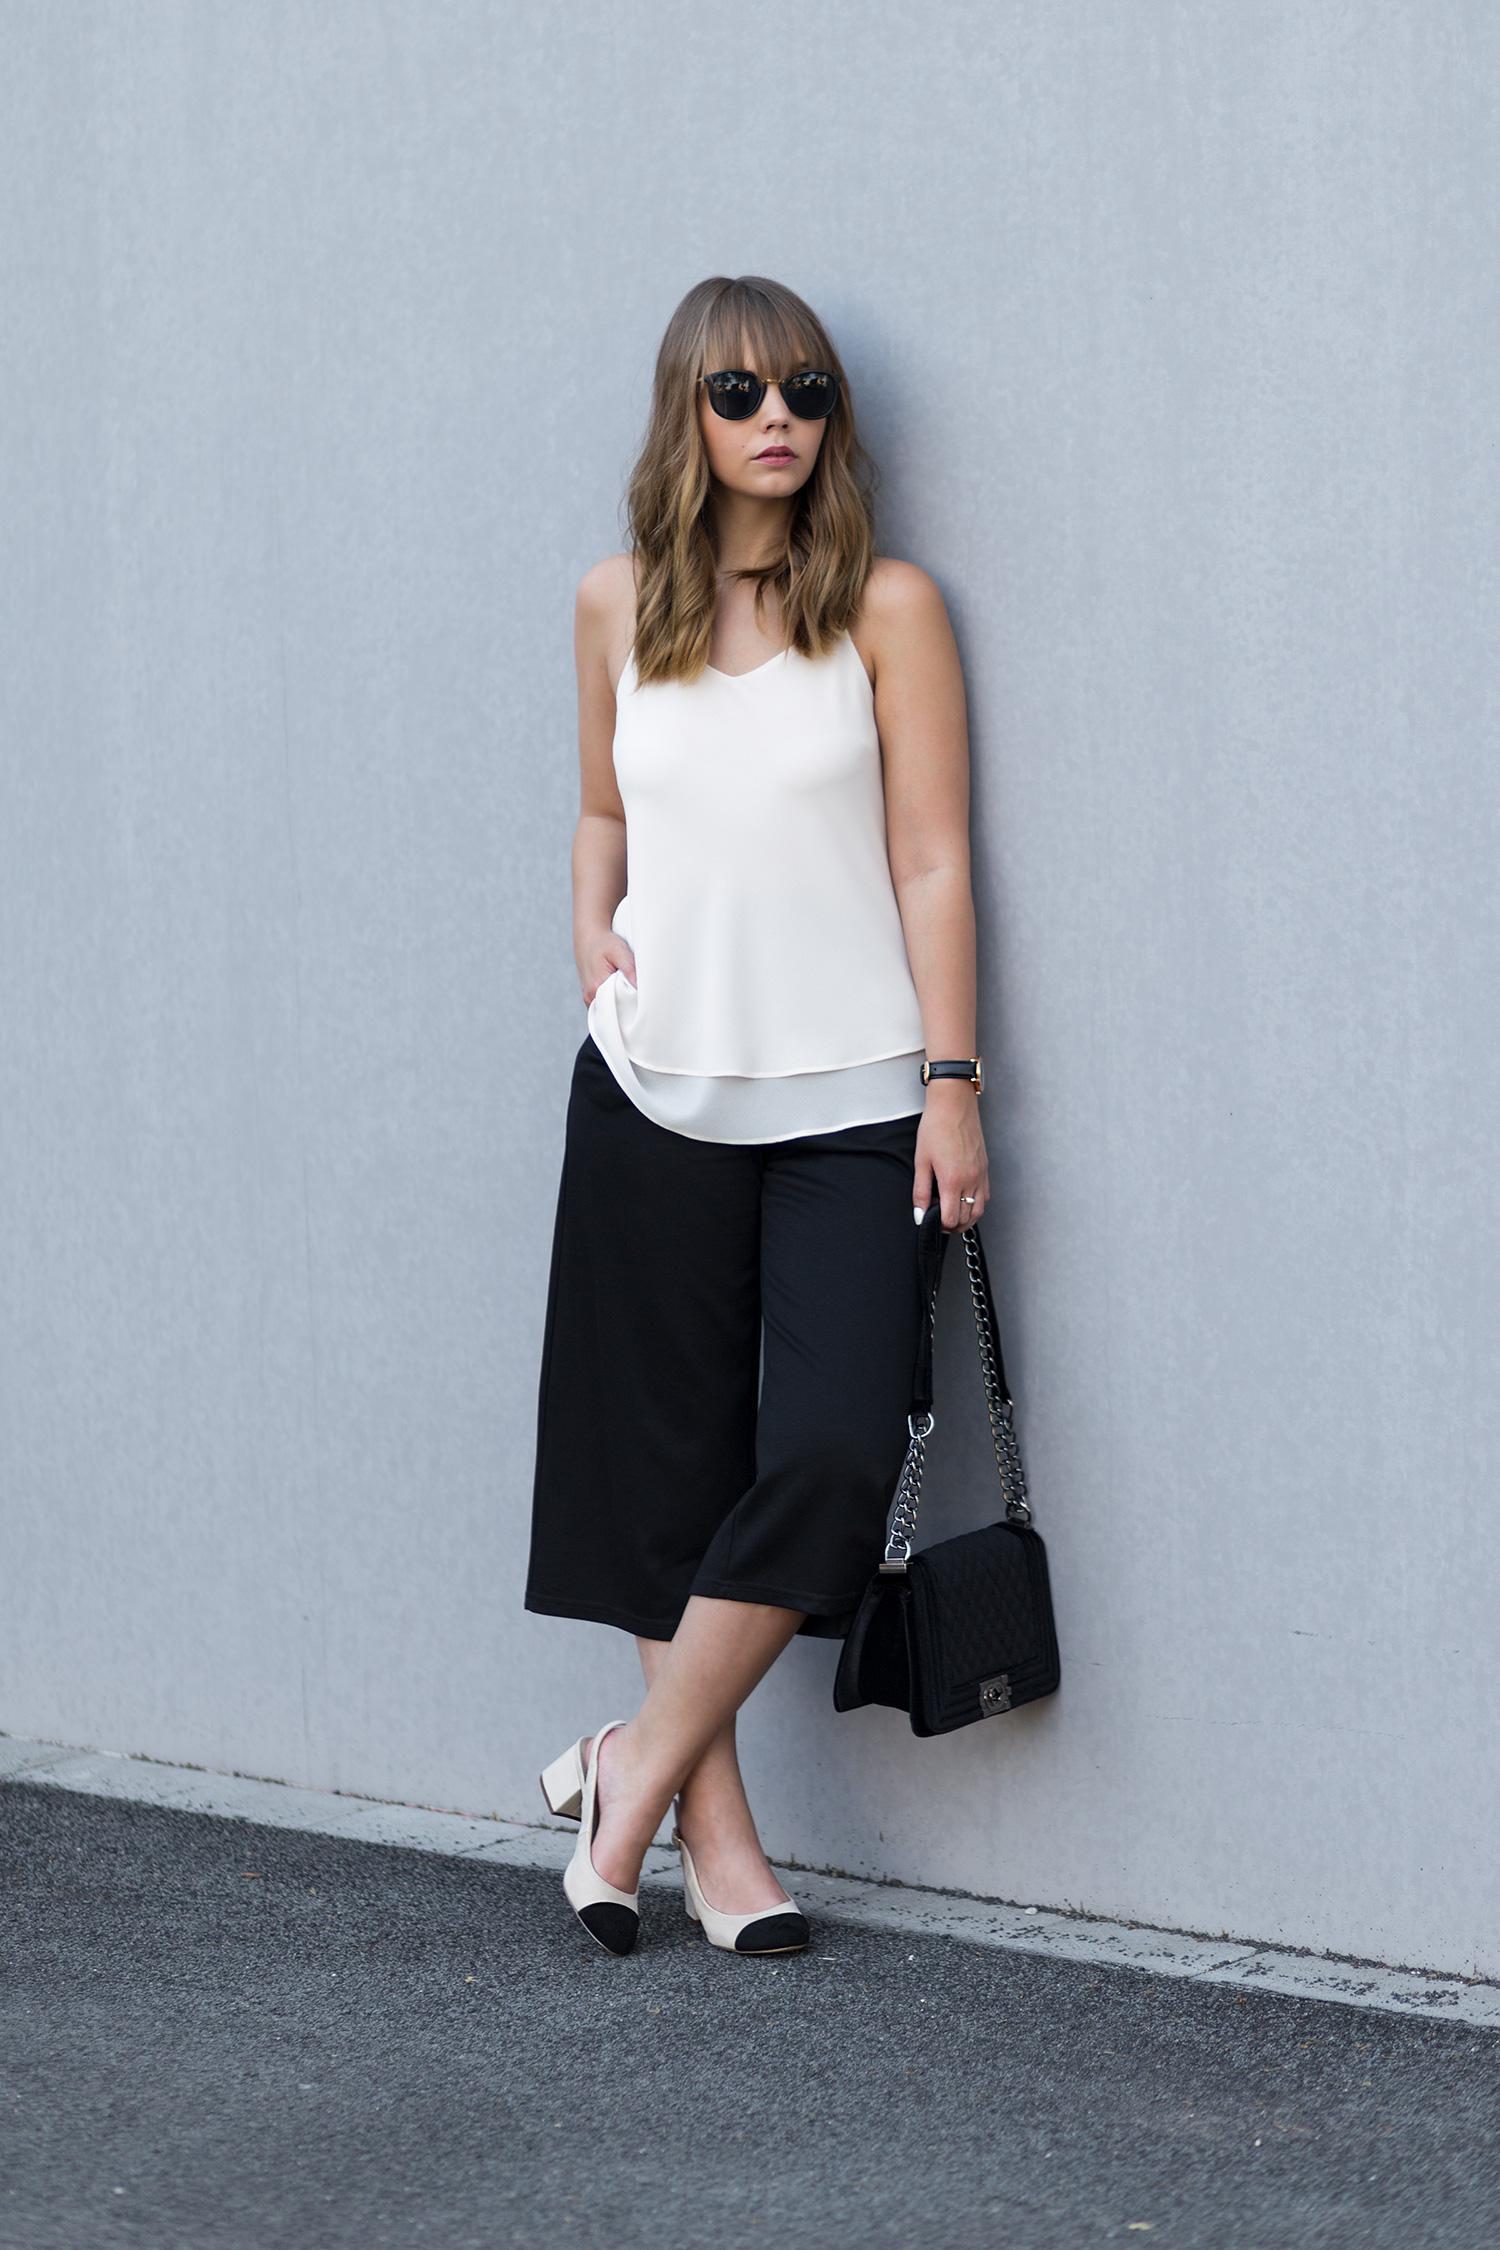 Slingback Pumps Outfit, Chanel Lookalike, schwarze Culotte, Sommeroutfit, bezauberndenana.de